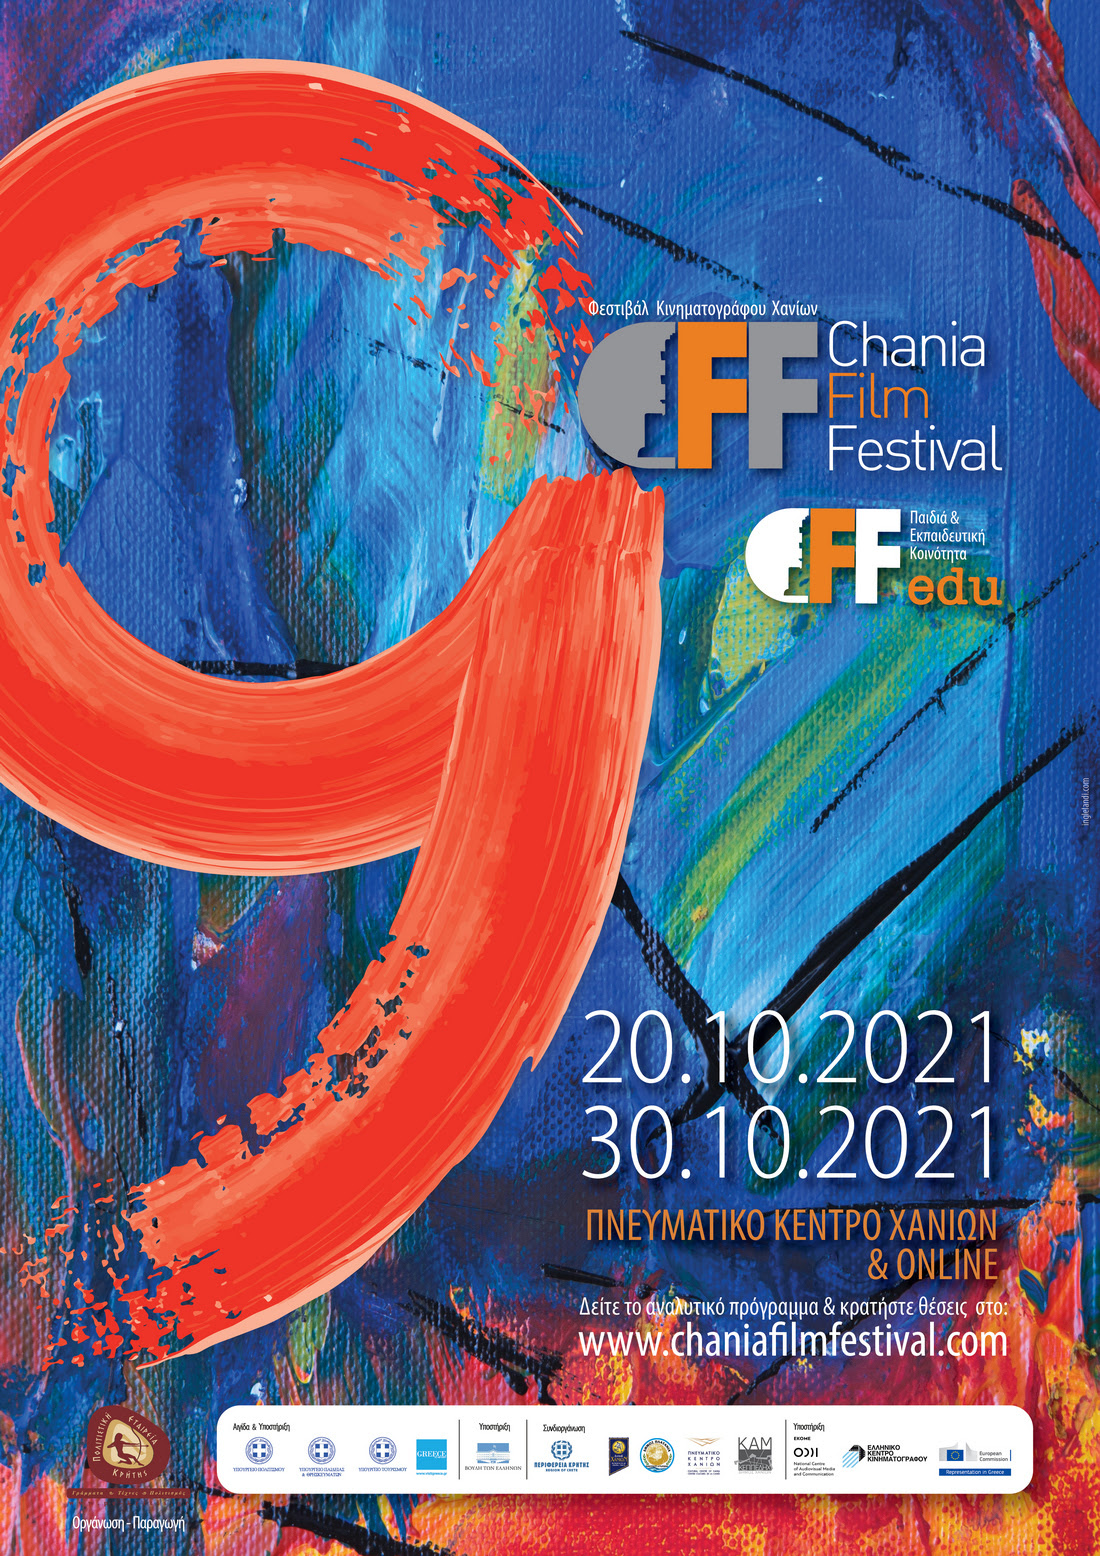 Πρόγραμμα 9ου Φεστιβάλ Κινηματογράφου Χανίων